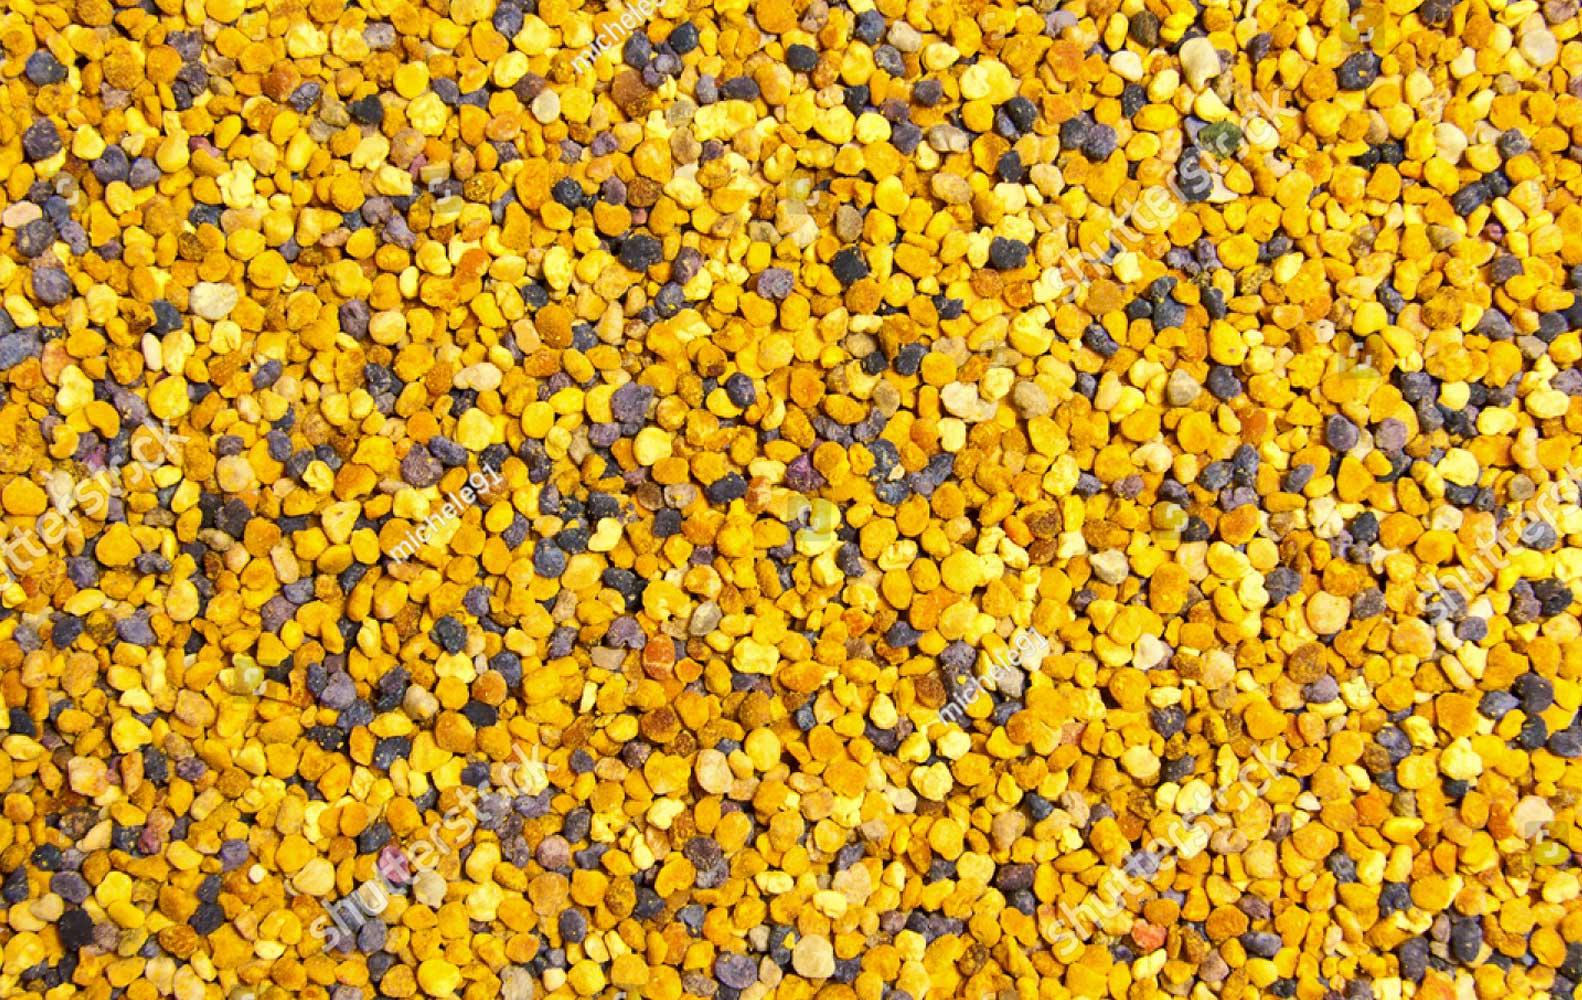 Nutritious Raw Bee Pollen Benefits